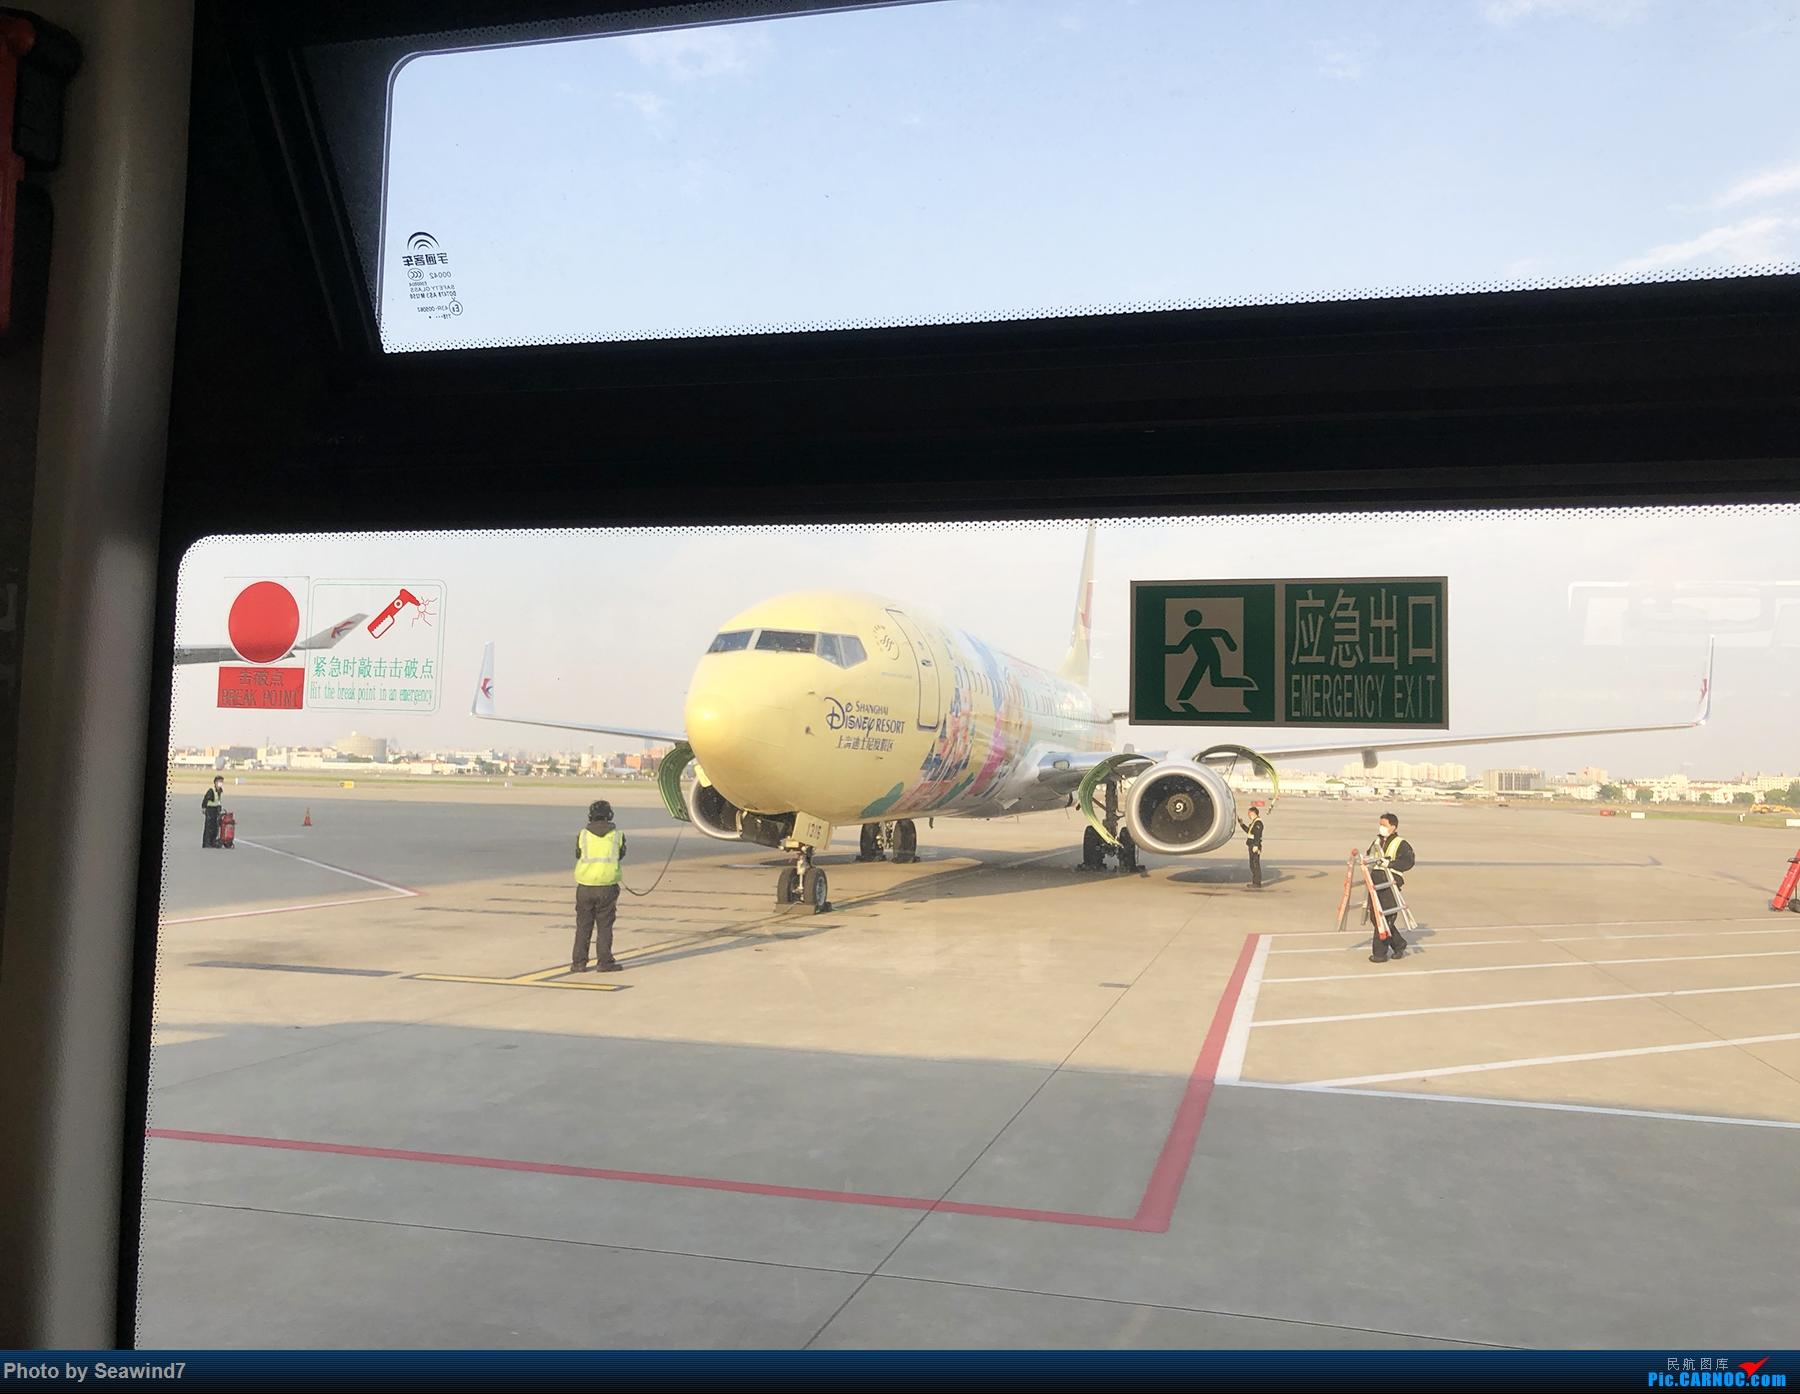 Re:[原创][Seawind7游记第五弹]银川neo往返 AIRBUS A320NEO  中国上海虹桥国际机场 中国上海虹桥国际机场